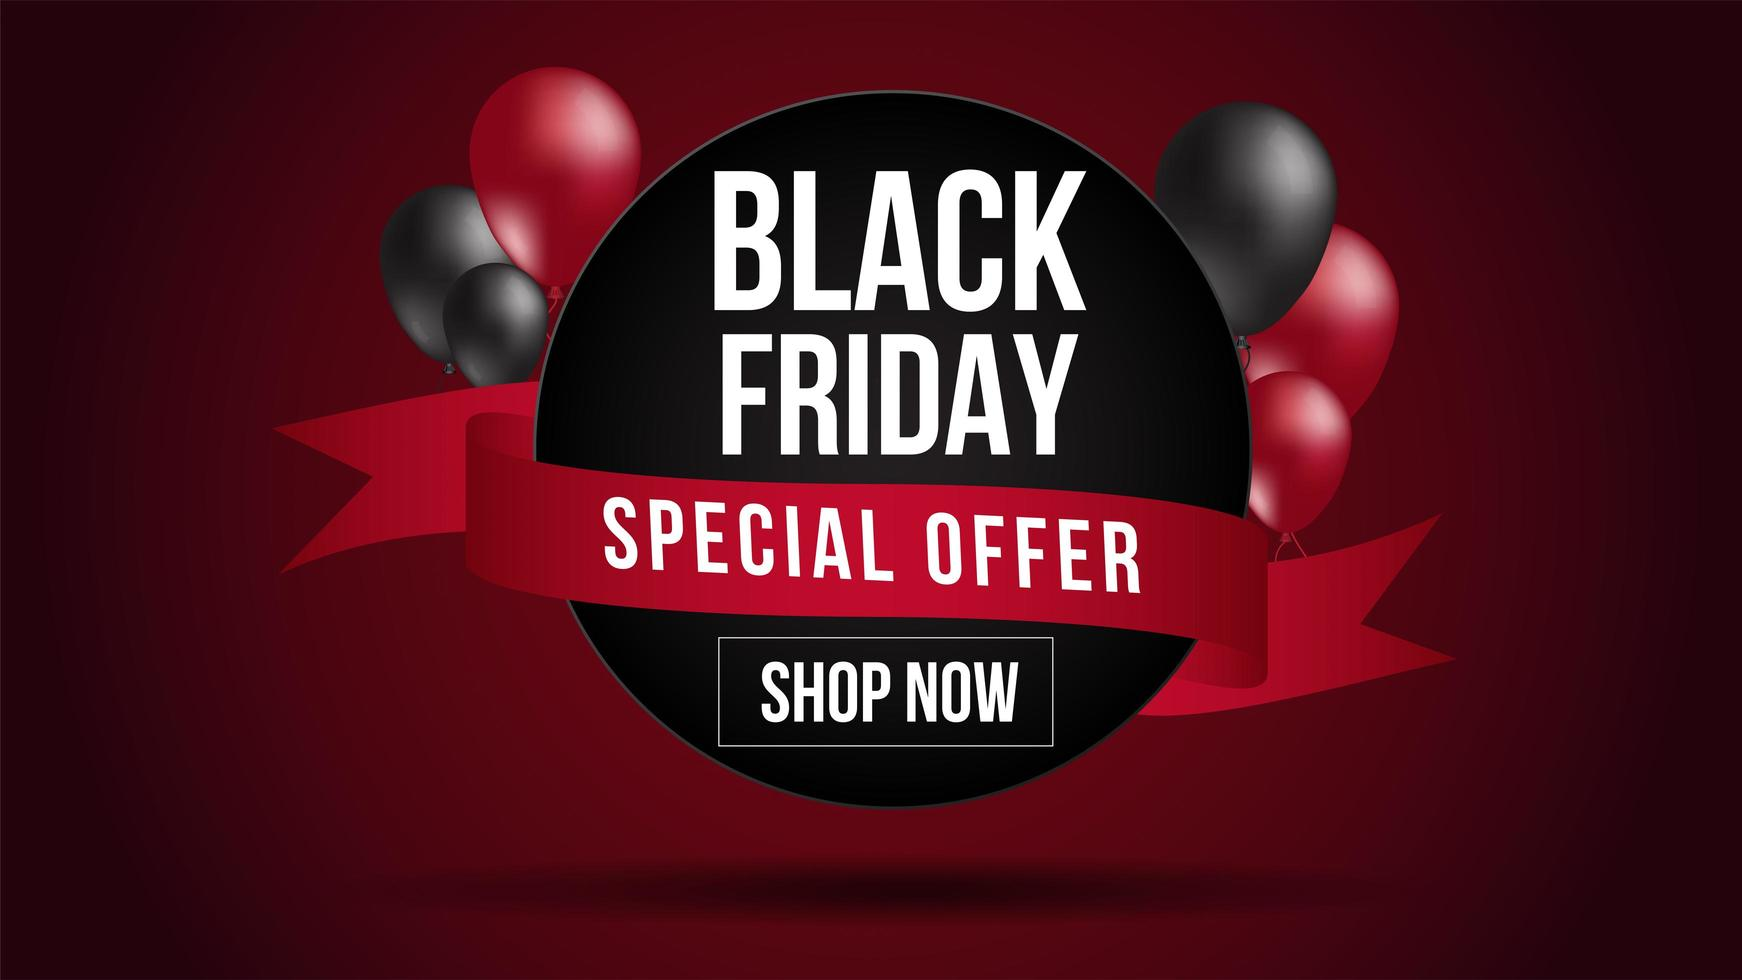 svart fredag röd och svart ballong försäljning banner vektor